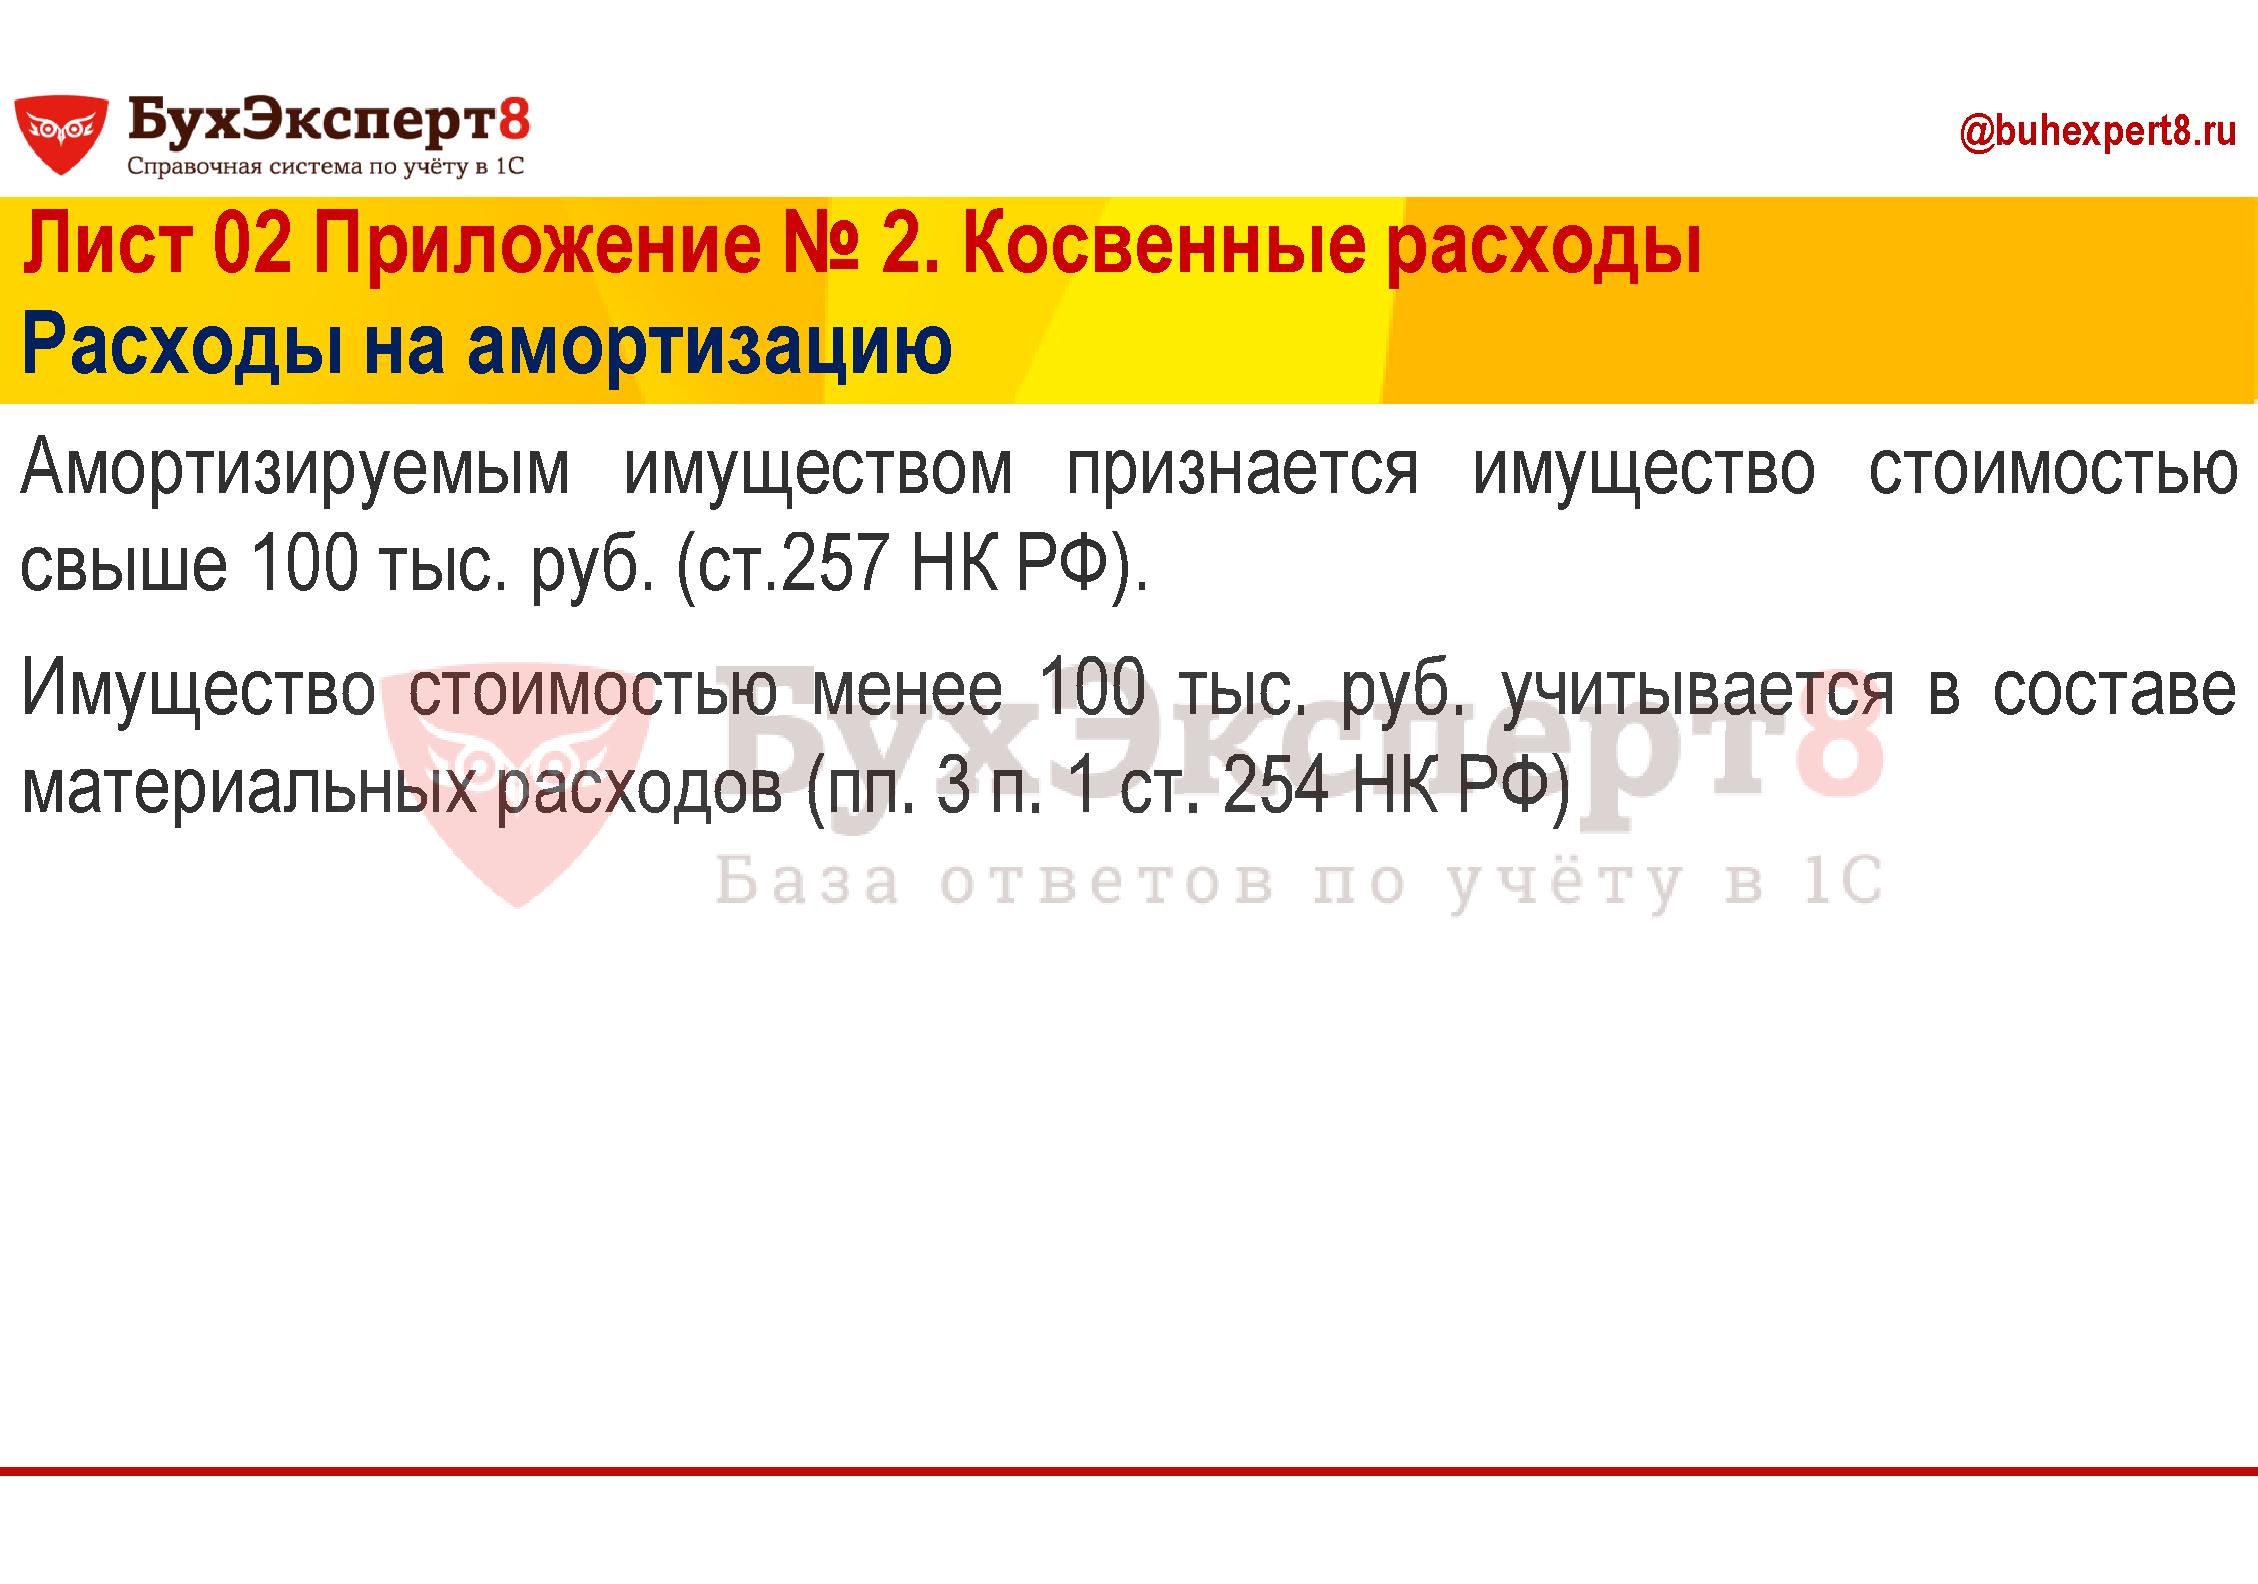 Амортизируемым имуществом признается имущество стоимостью свыше 100 тыс. руб. (ст.257 НК РФ). Имущество стоимостью менее 100 тыс. руб. учитывается в составе материальных расходов (пп. 3 п. 1 ст. 254 НК РФ)